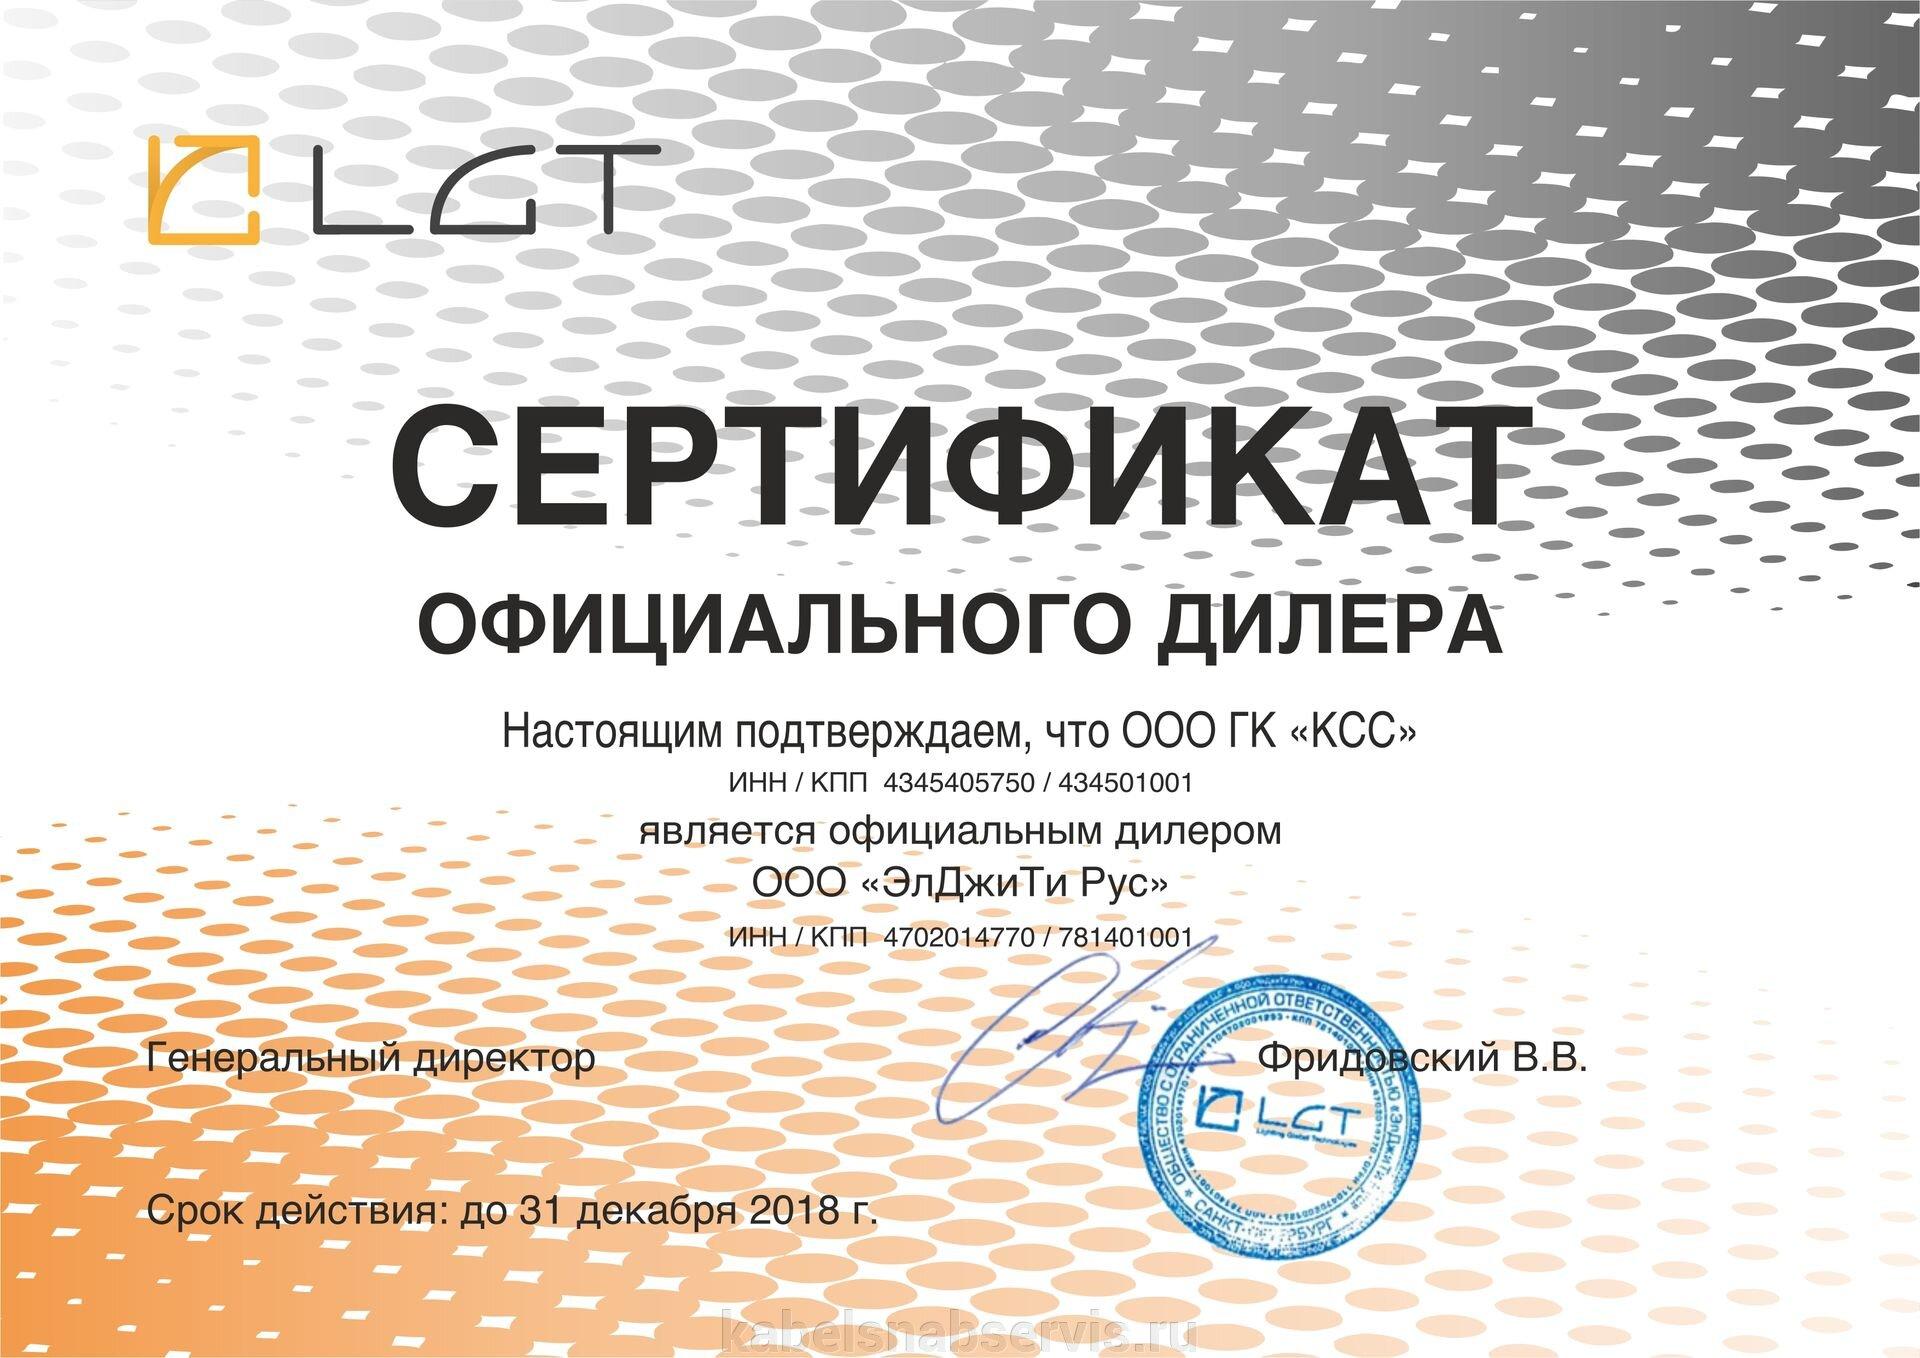 Сертификаты компании - фото pic_f743cff5e07b9f1_1920x9000_1.jpg